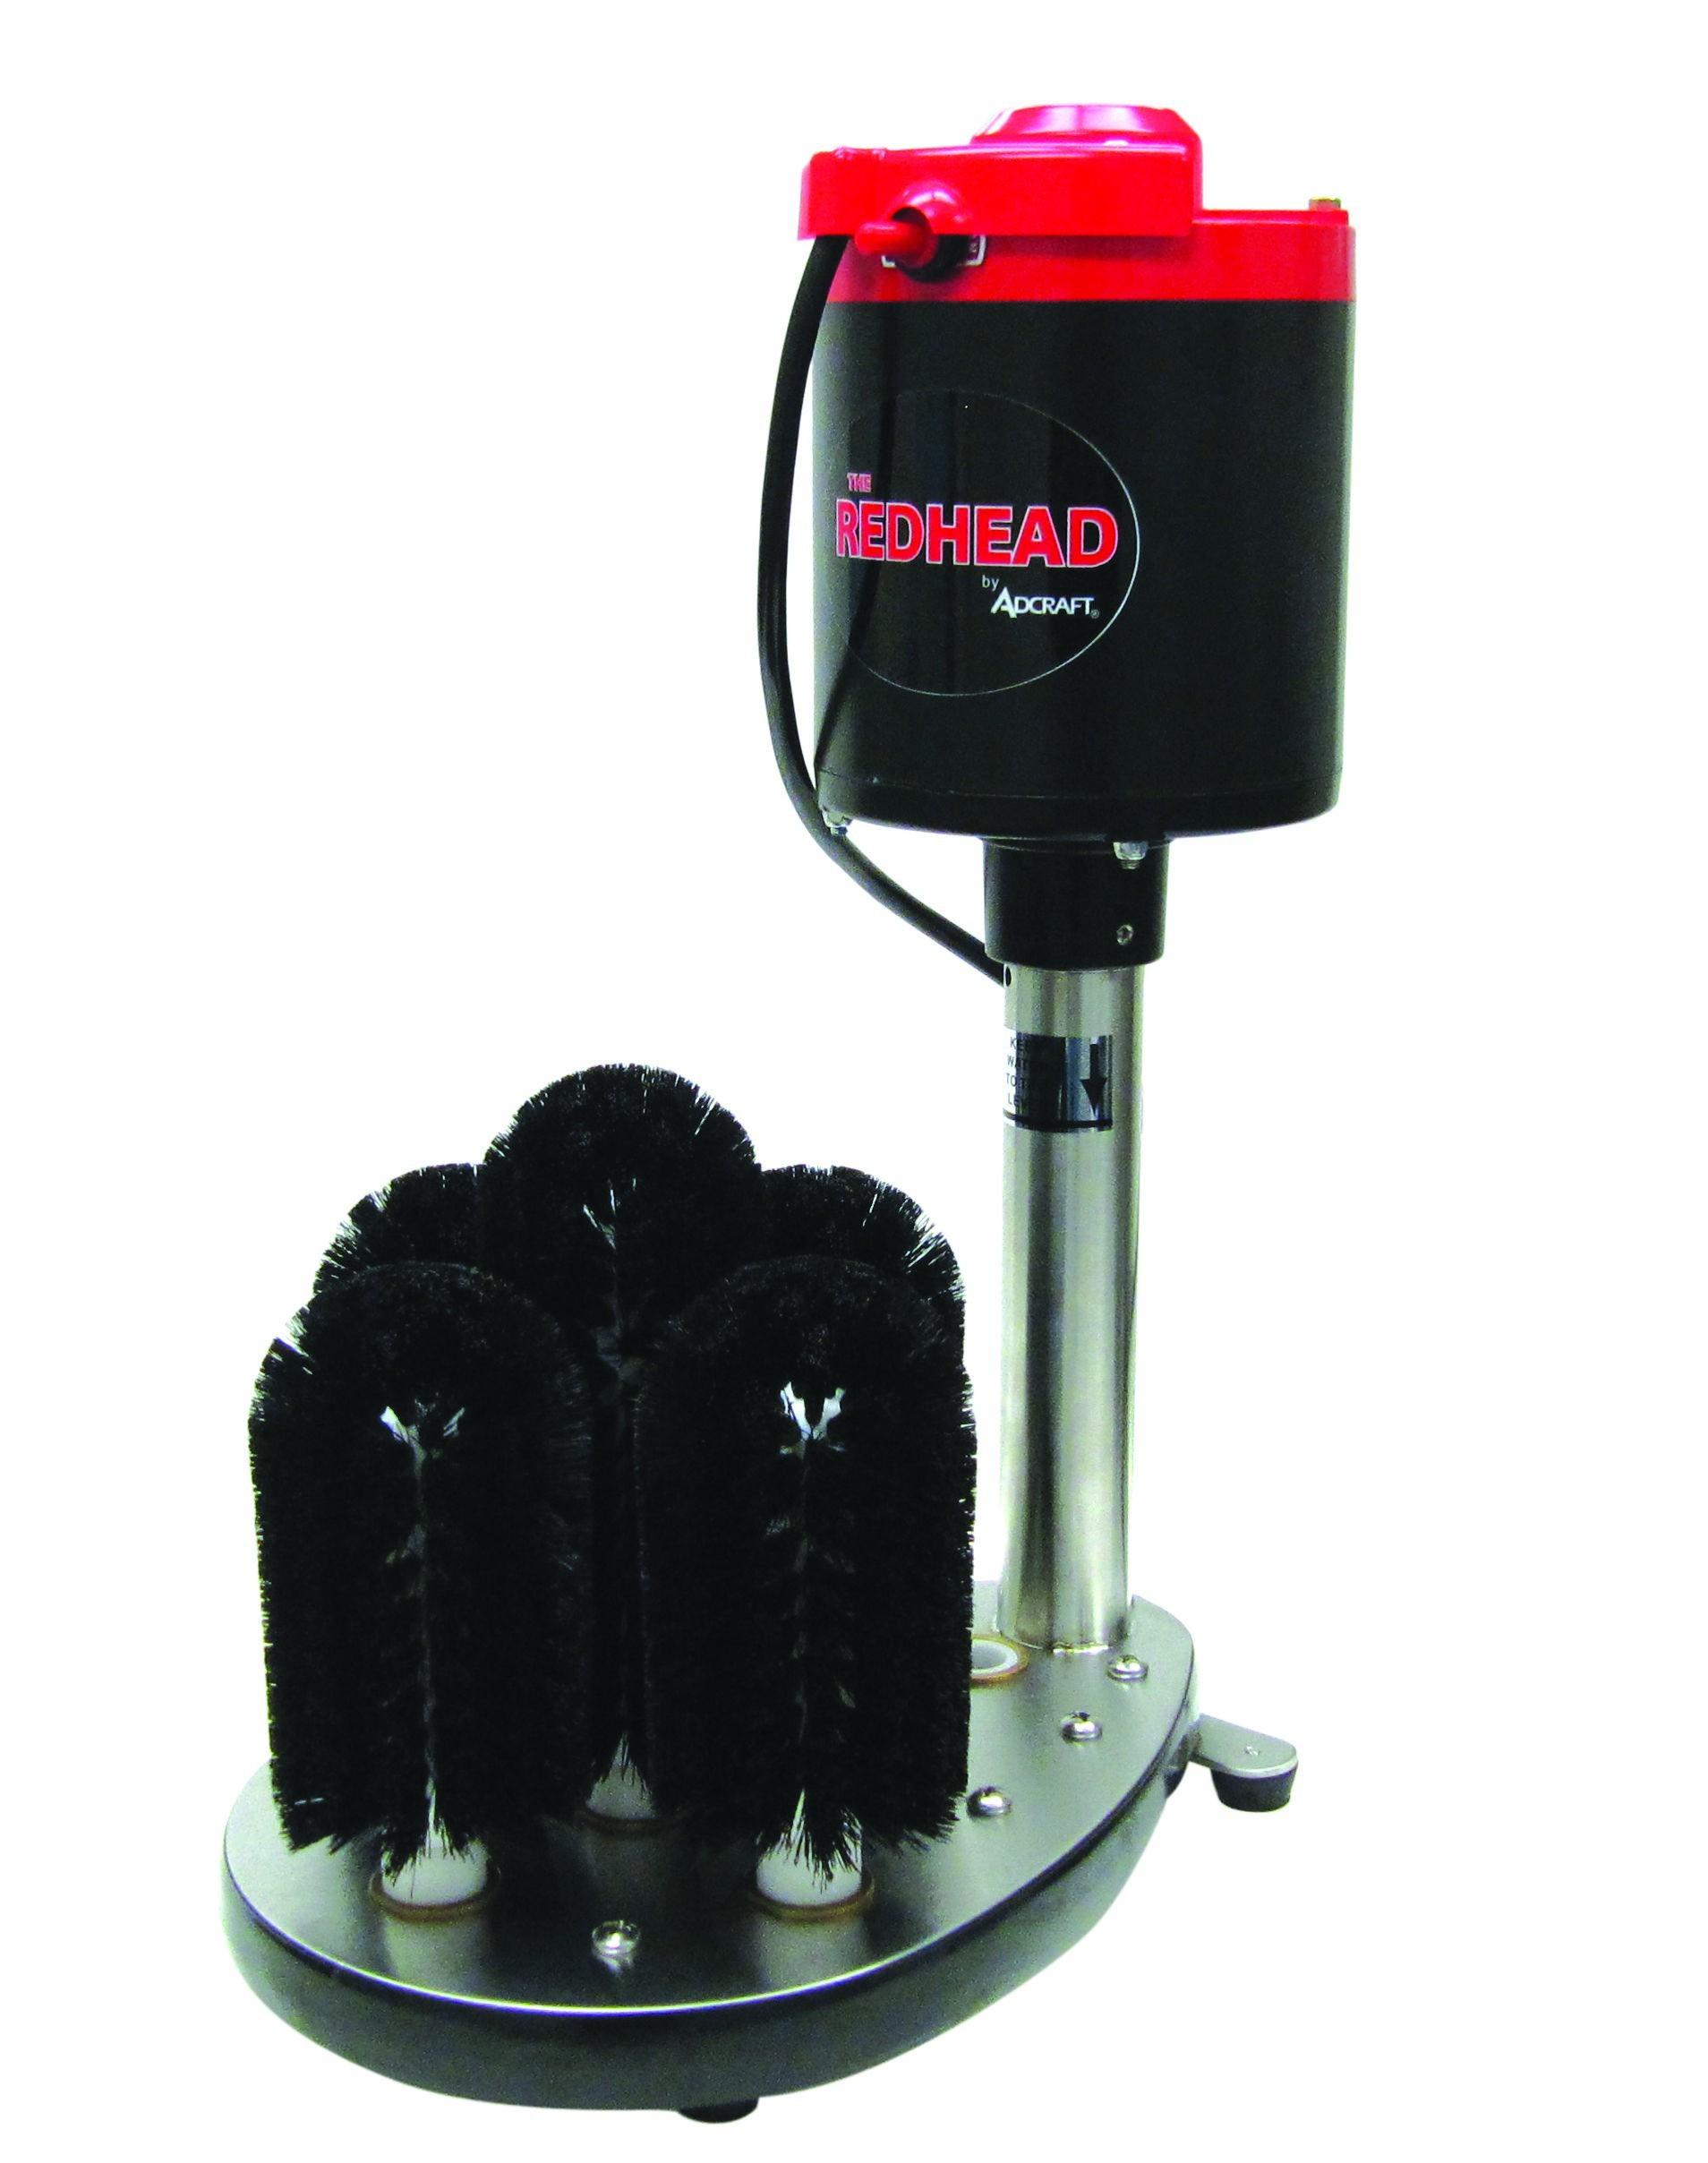 Adcraft GW-120 Upright Redhead Electric Bar Glass Washer. 115V